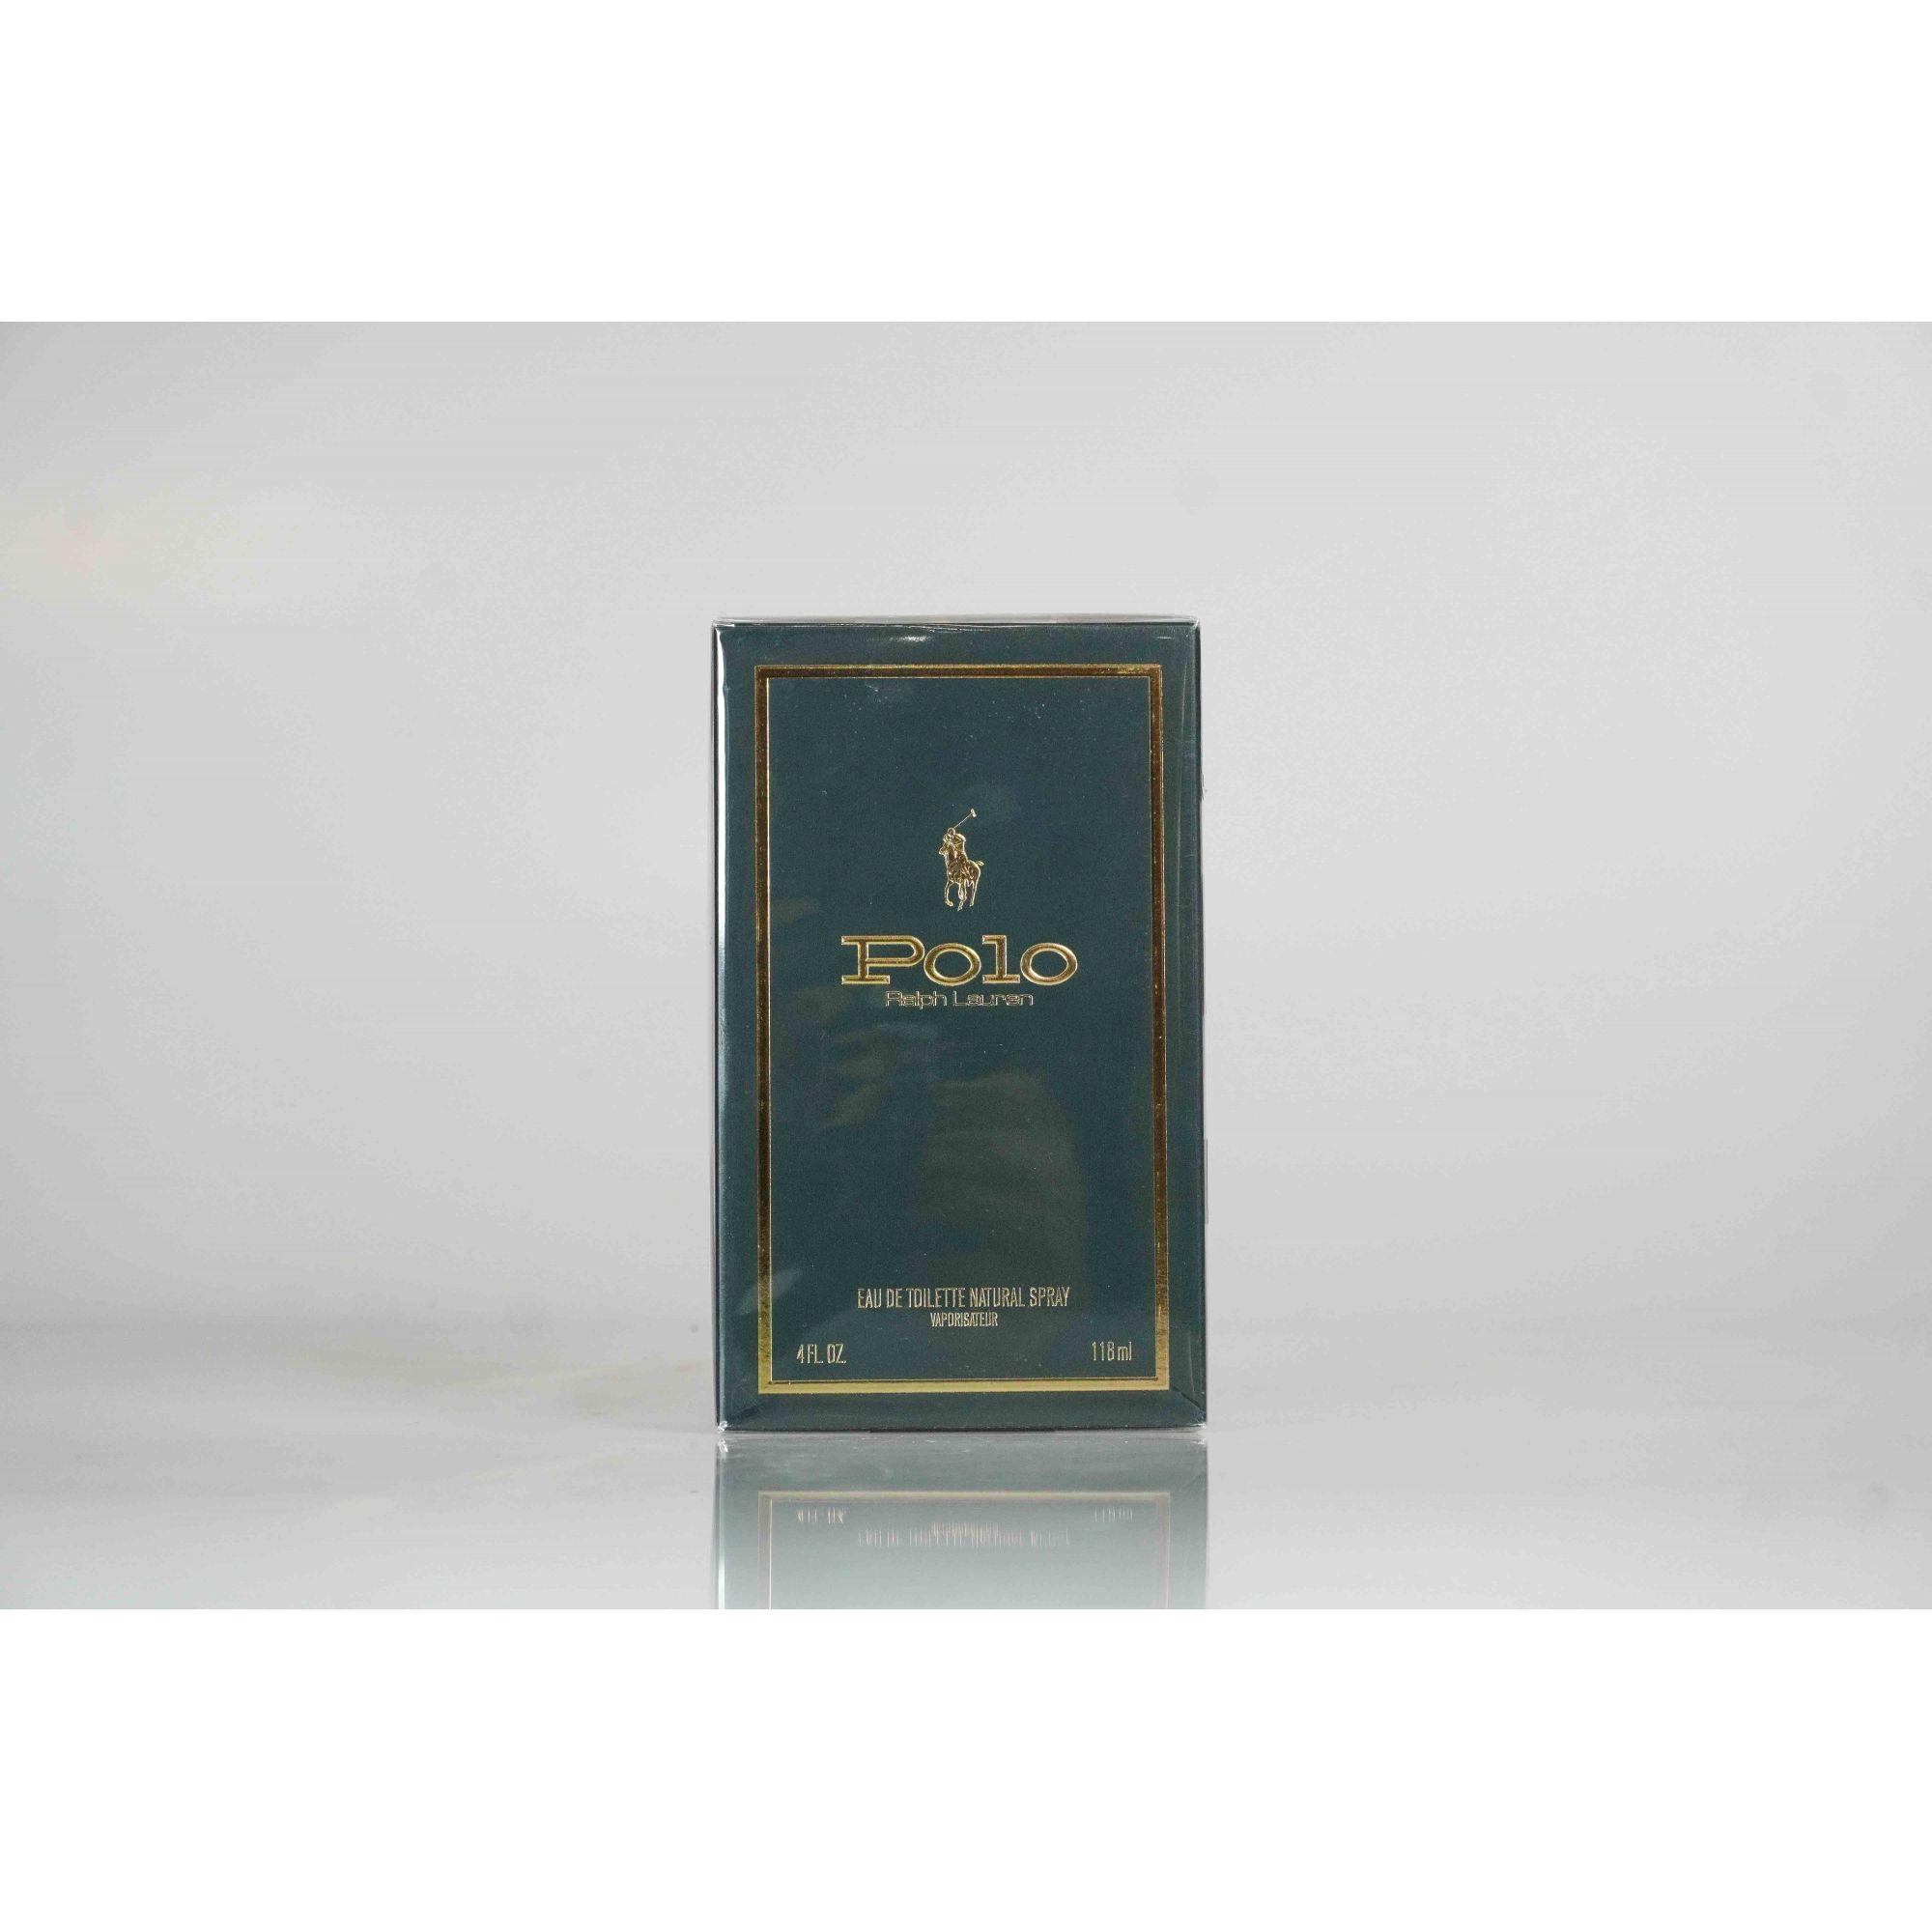 Eau De Toilette Importado Polo Ralph Lauren - 118ml